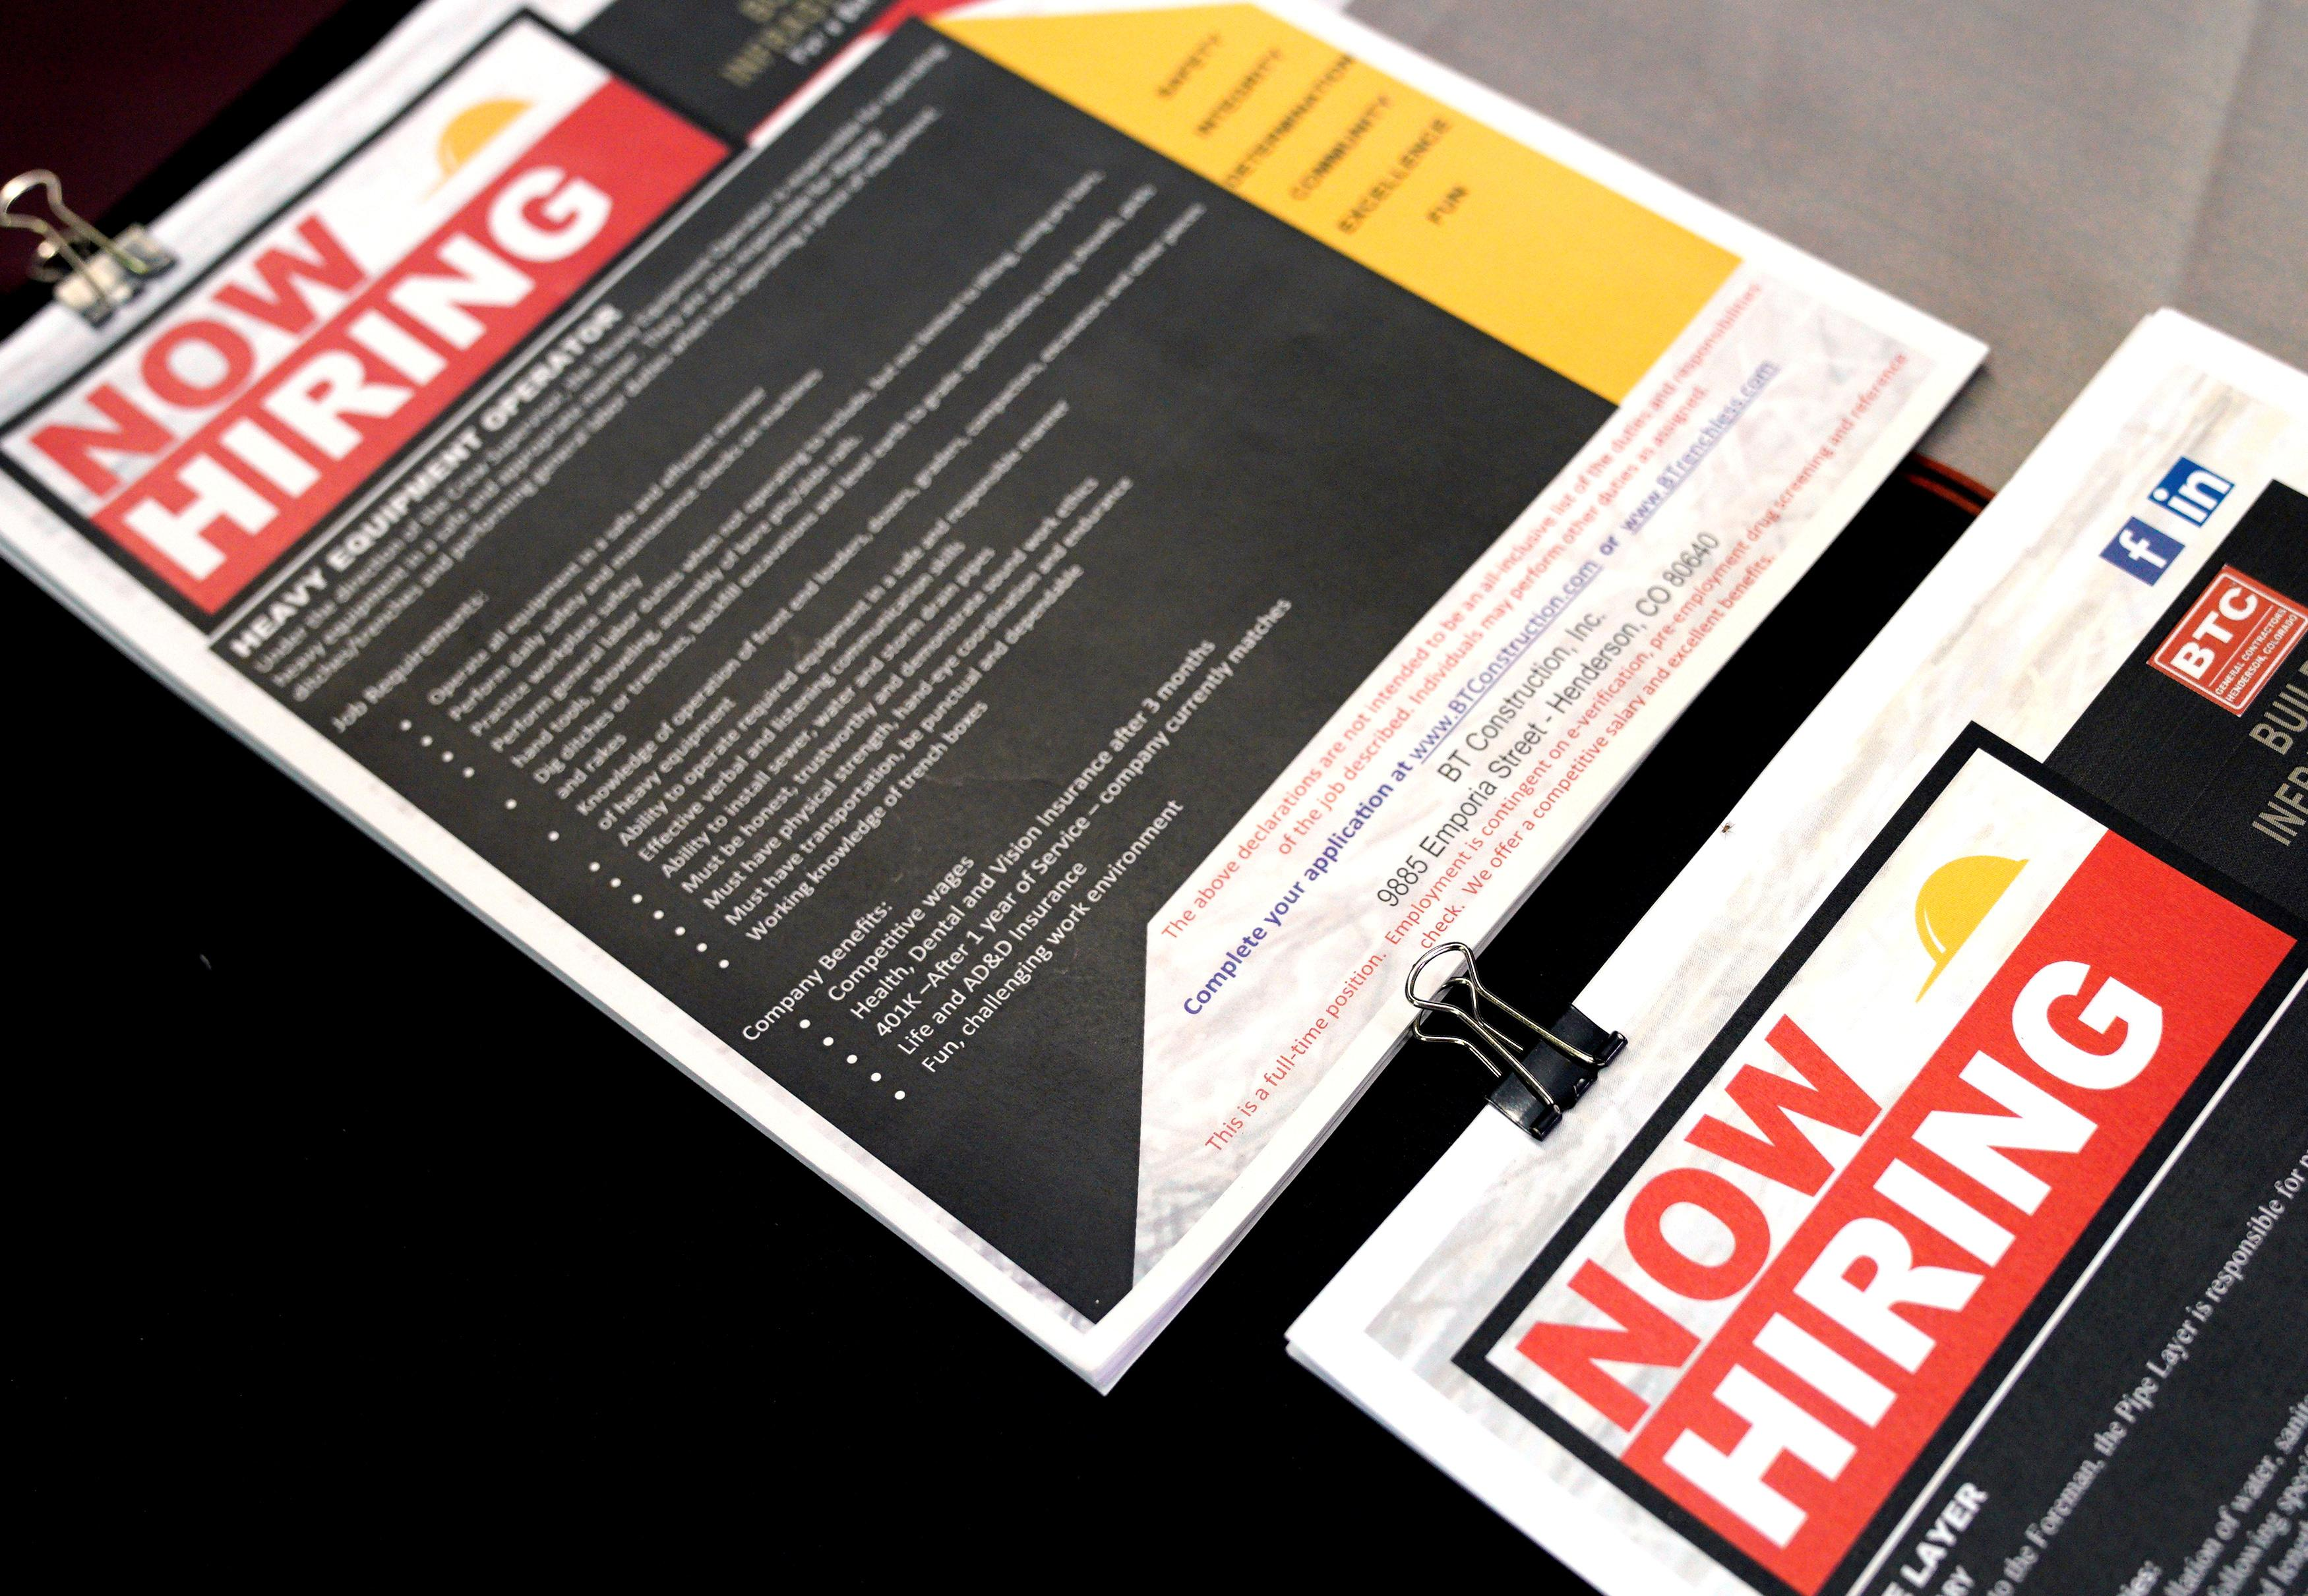 Weak U.S. employment report raises red flag on economy